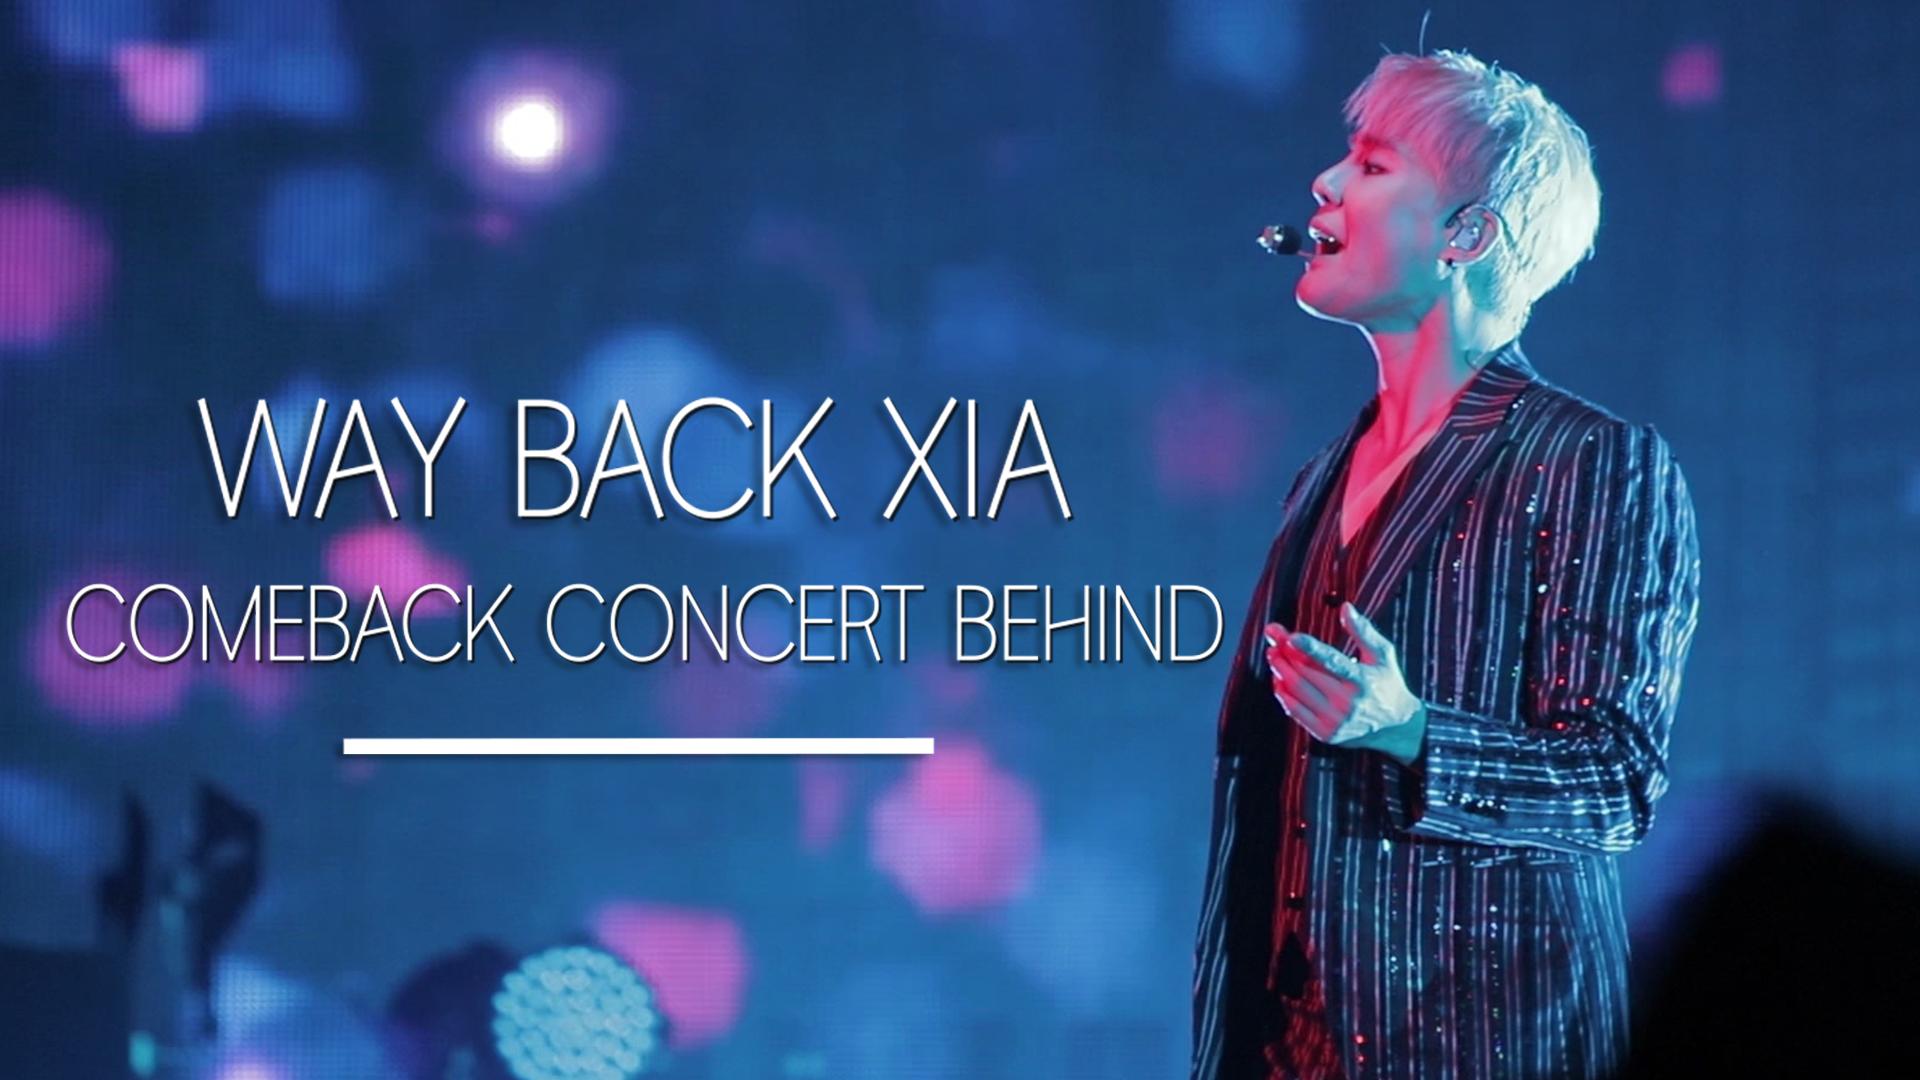 """김준수(XIA) - """"WAY BACK XIA CONCERT"""" 콘서트 비하인드 (Concert behind)"""